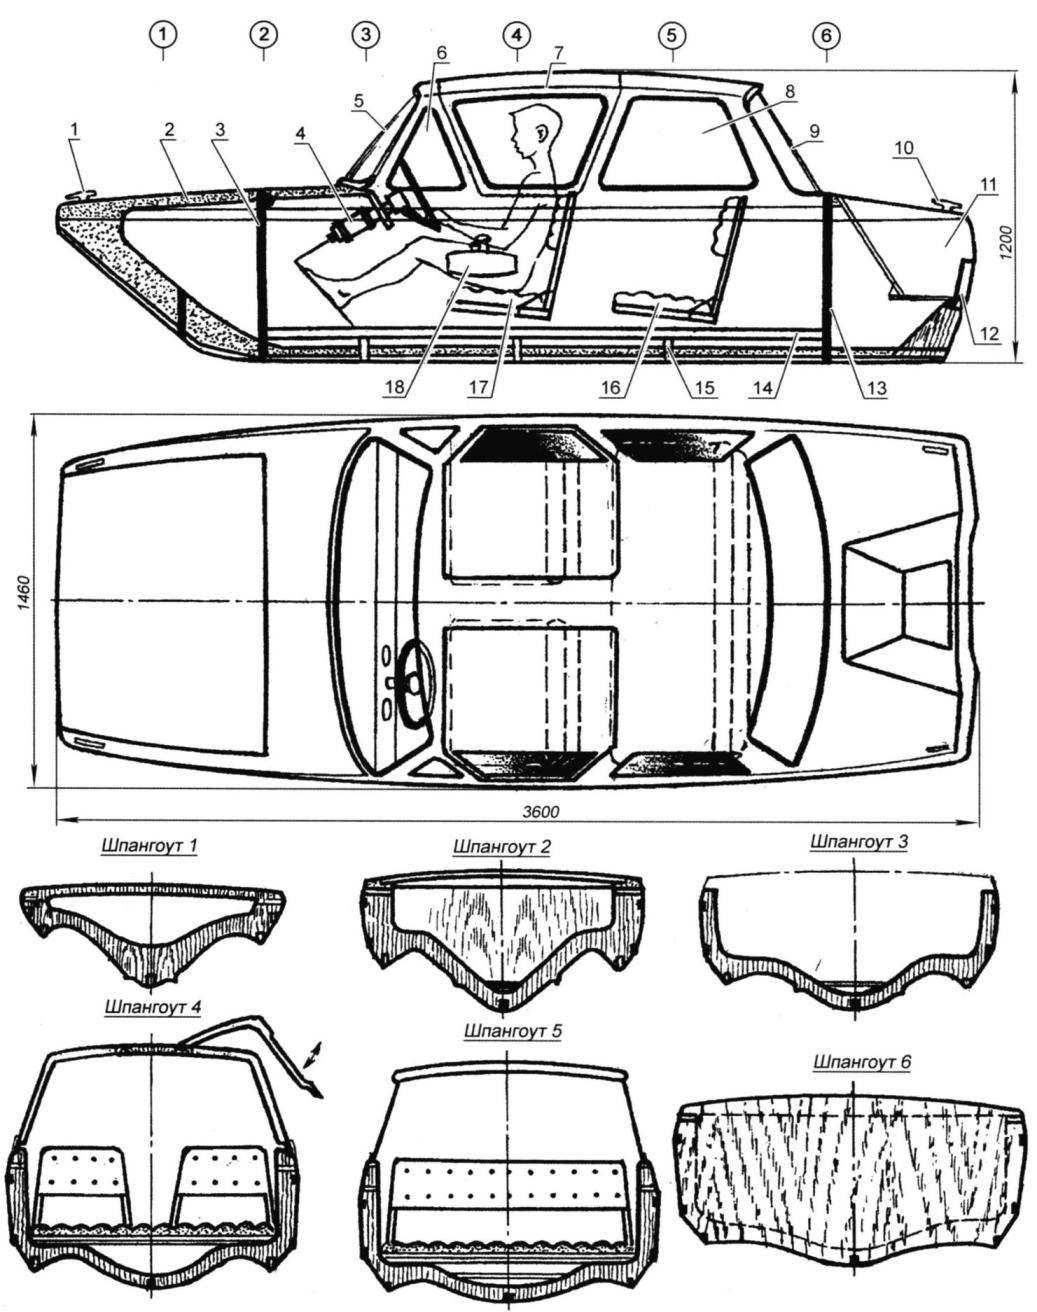 Четырёхместный каютный катер с обводами типа «бостонский китобой»